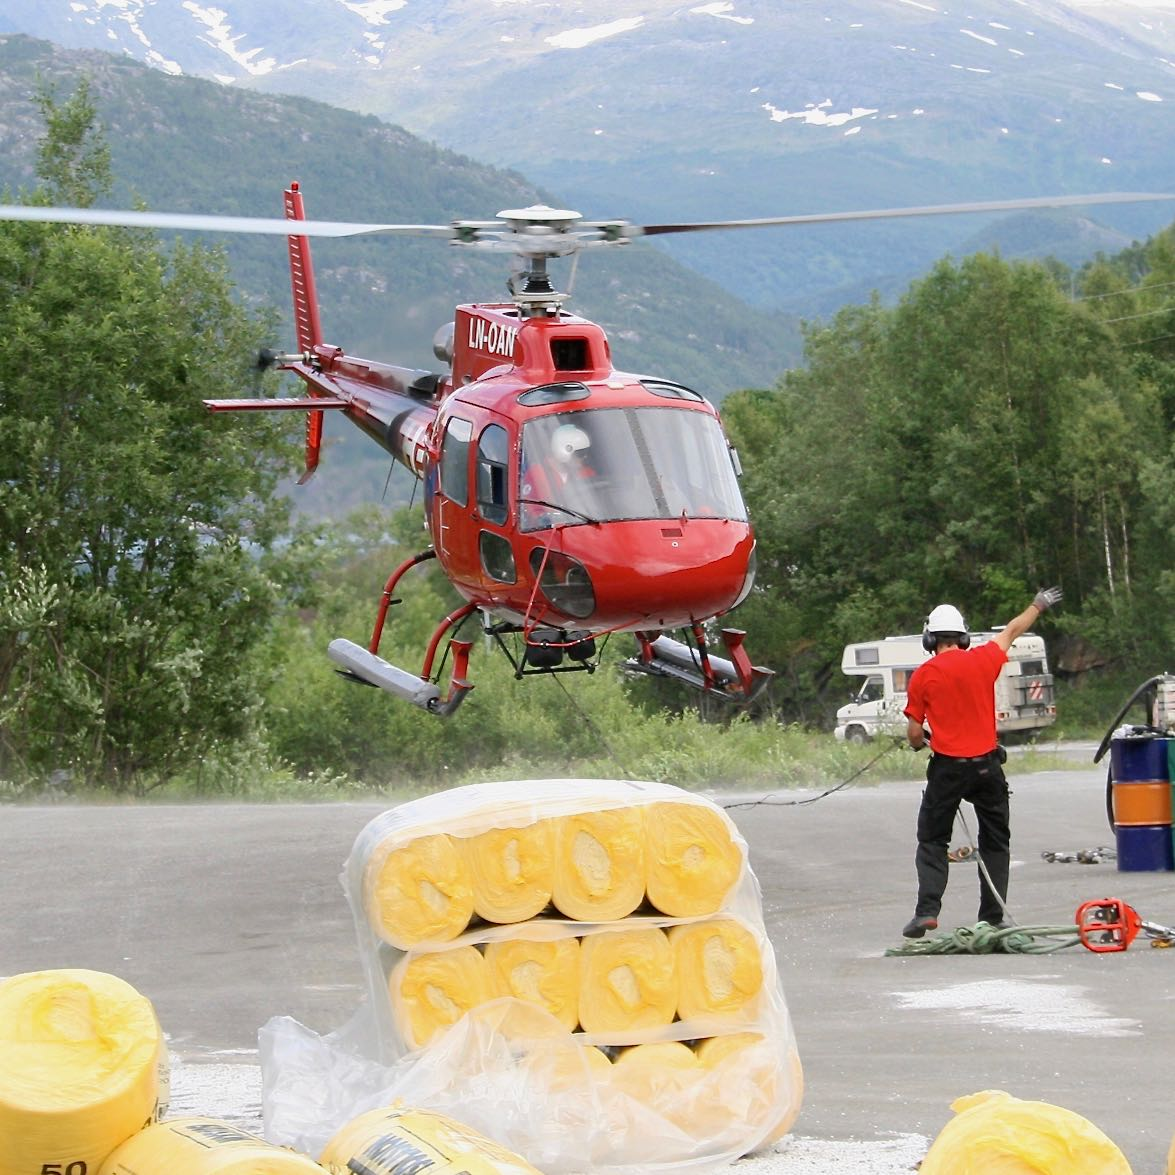 Helikopter_dirigering_1200x1200.jpg